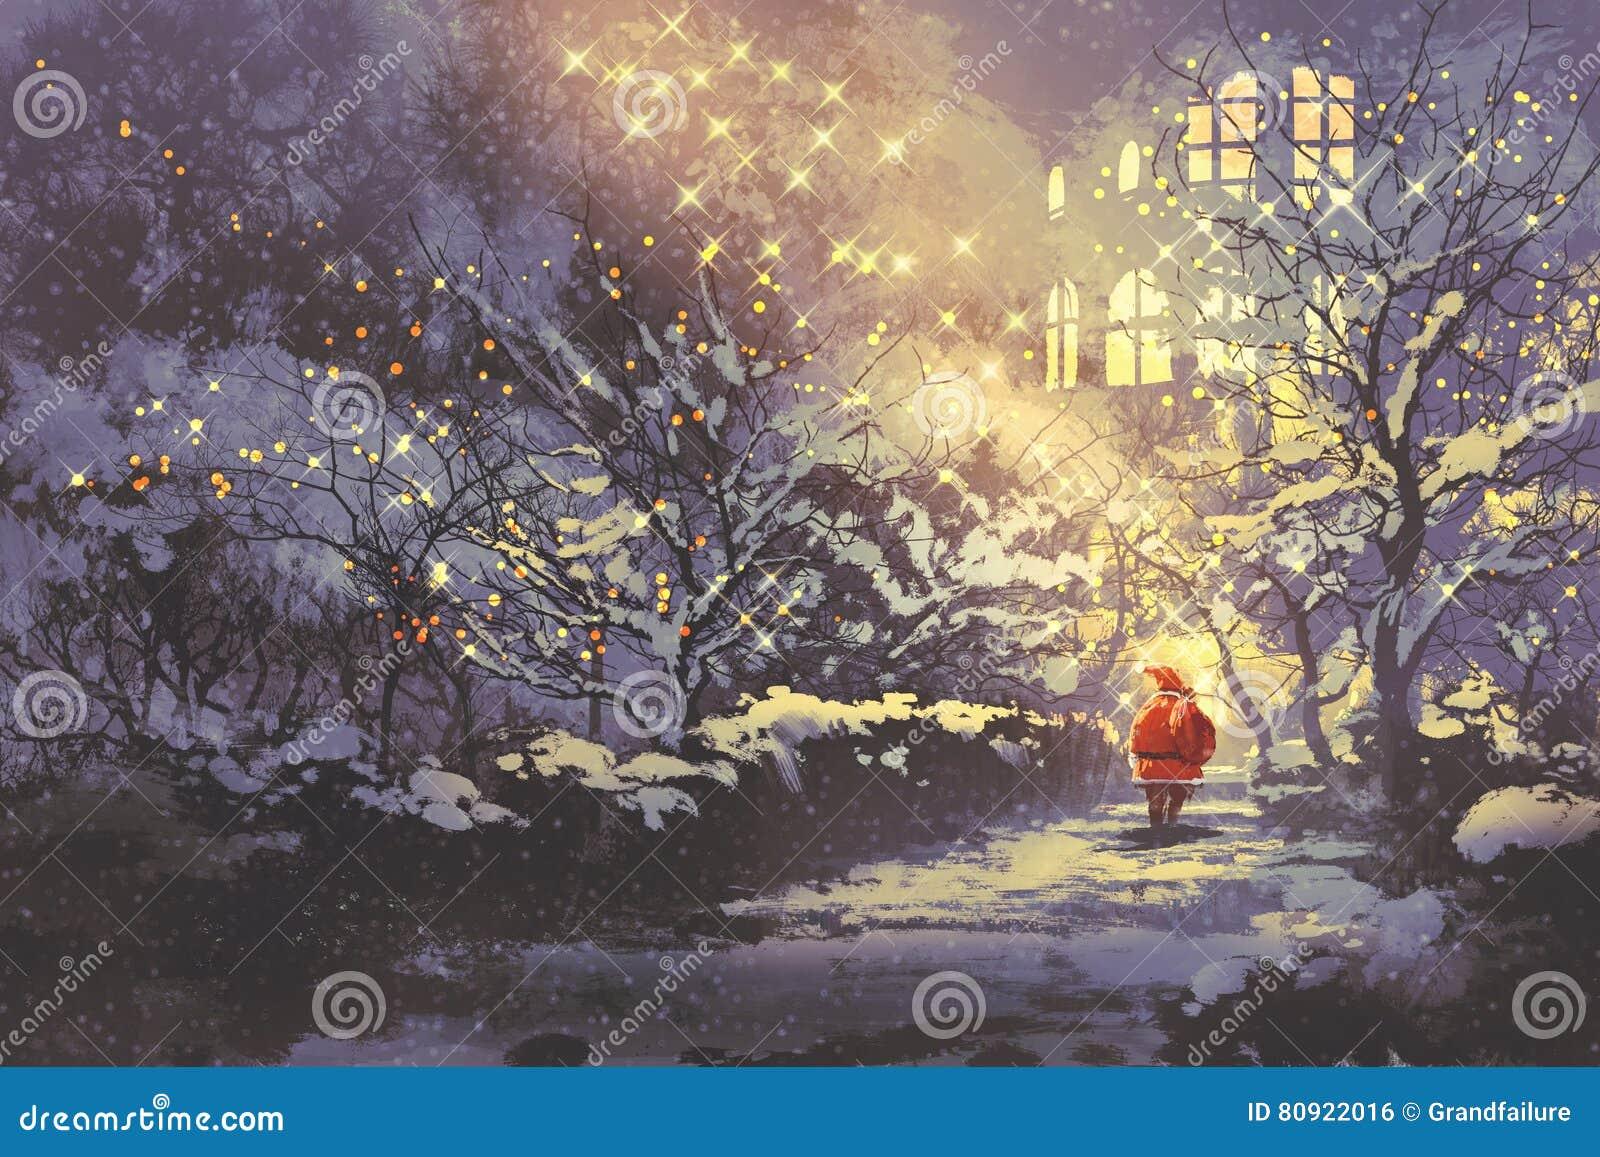 Święty Mikołaj w śnieżnej zimy alei w parku z bożonarodzeniowe światła na drzewach